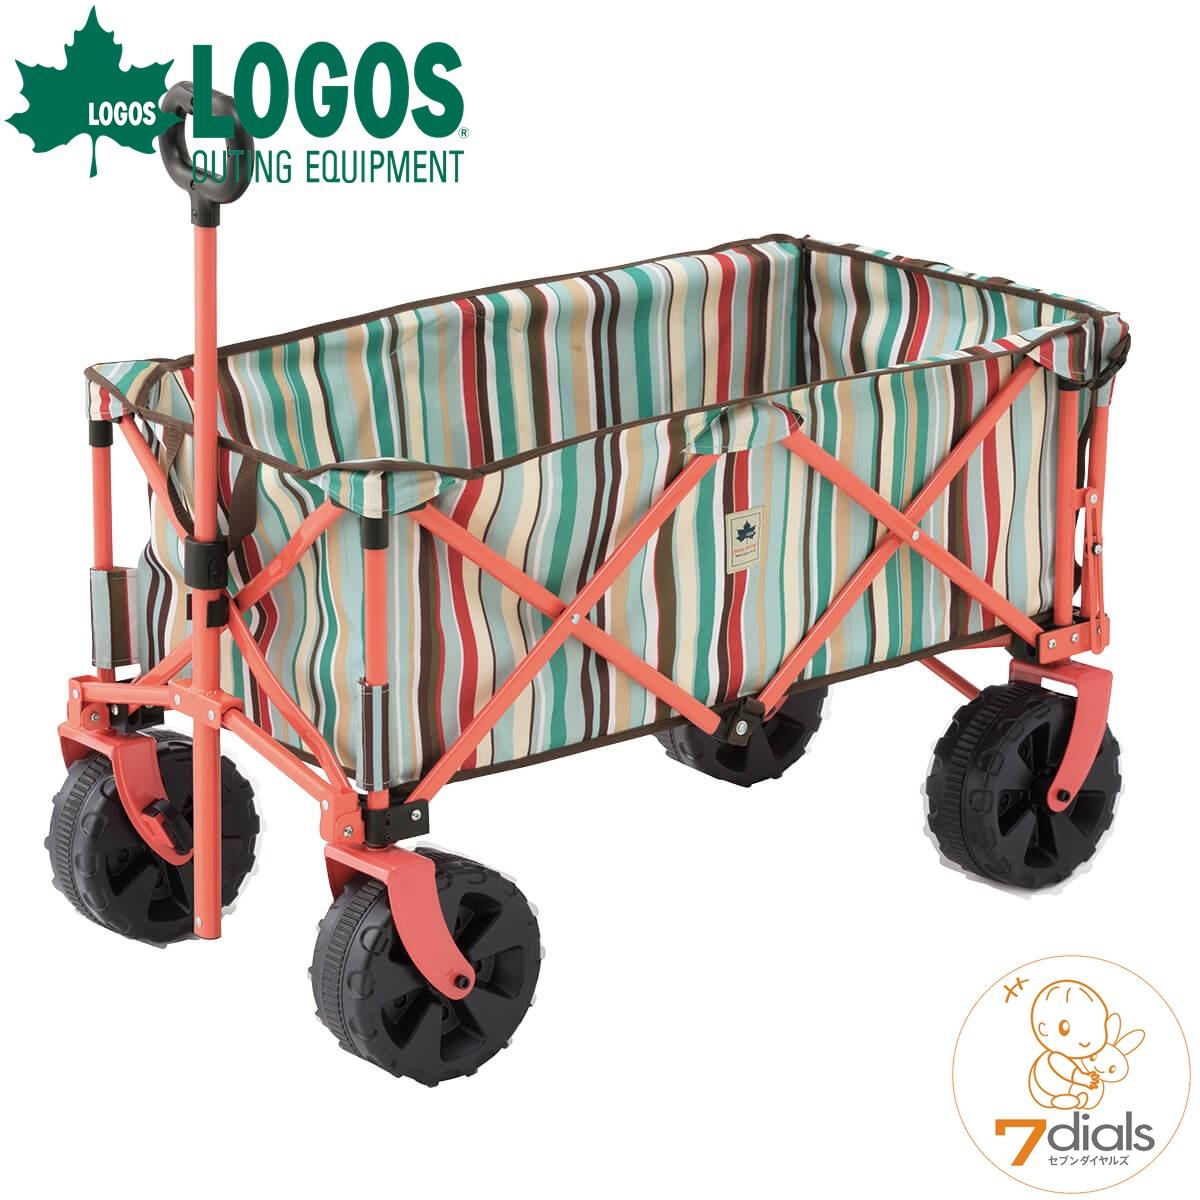 LOGOS/ロゴス 丸洗い長いモノOKキャリー(ブルーストライプ)-AG キャリーカート アウトドア、キャンプ 運動会など荷物をまとめて移動するときに便利 キャリーカート おしゃれ【送料無料】